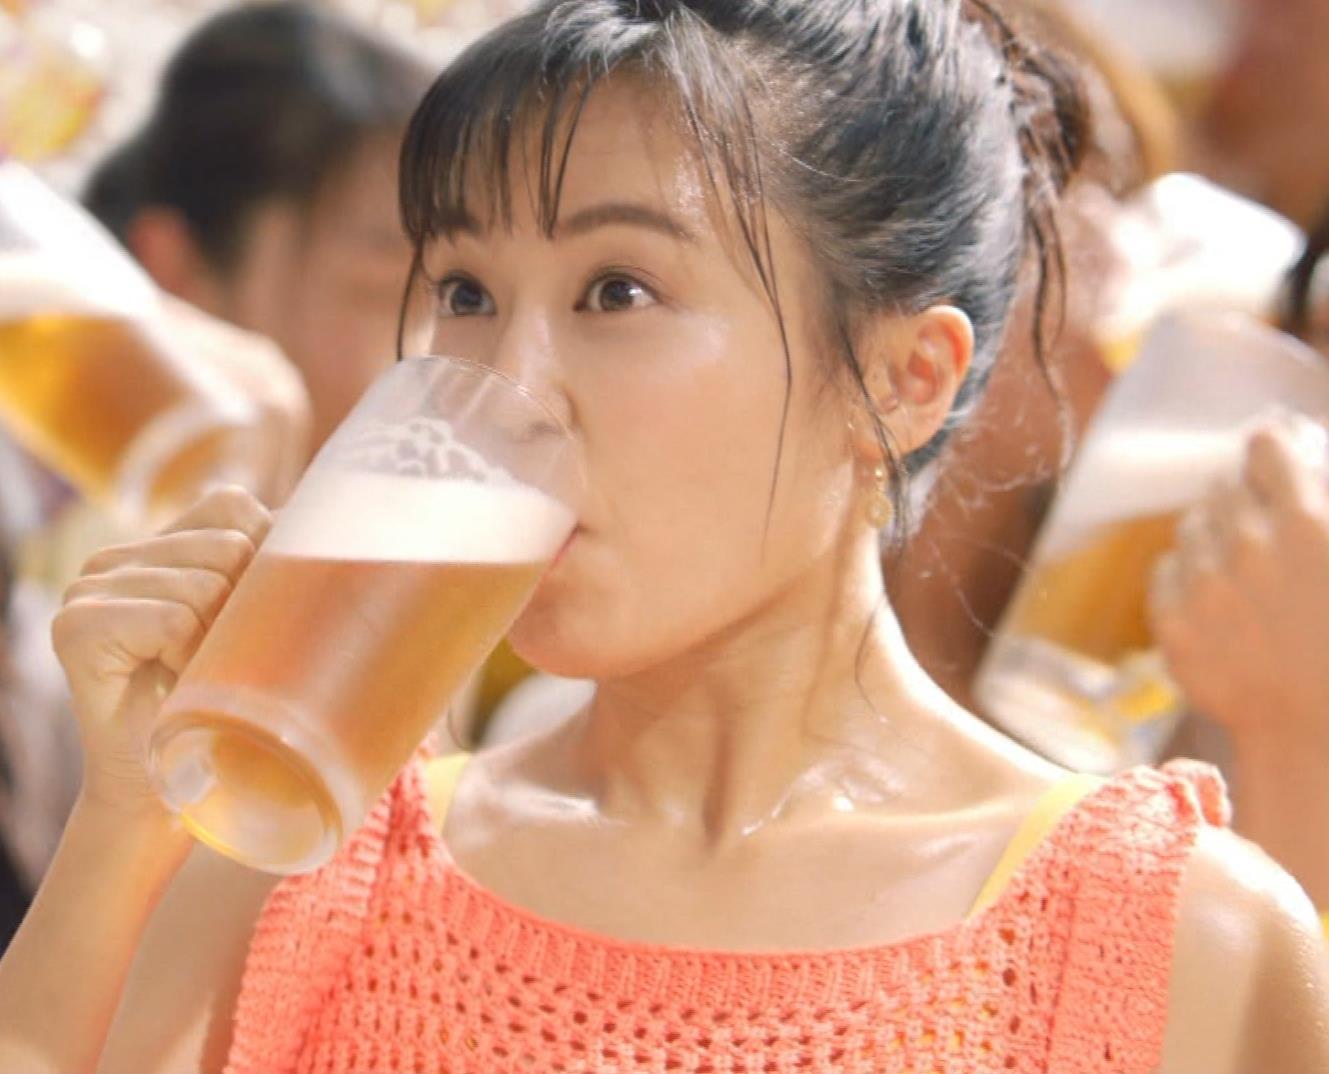 小島瑠璃子 ワキ見せエロCMキャプ・エロ画像8